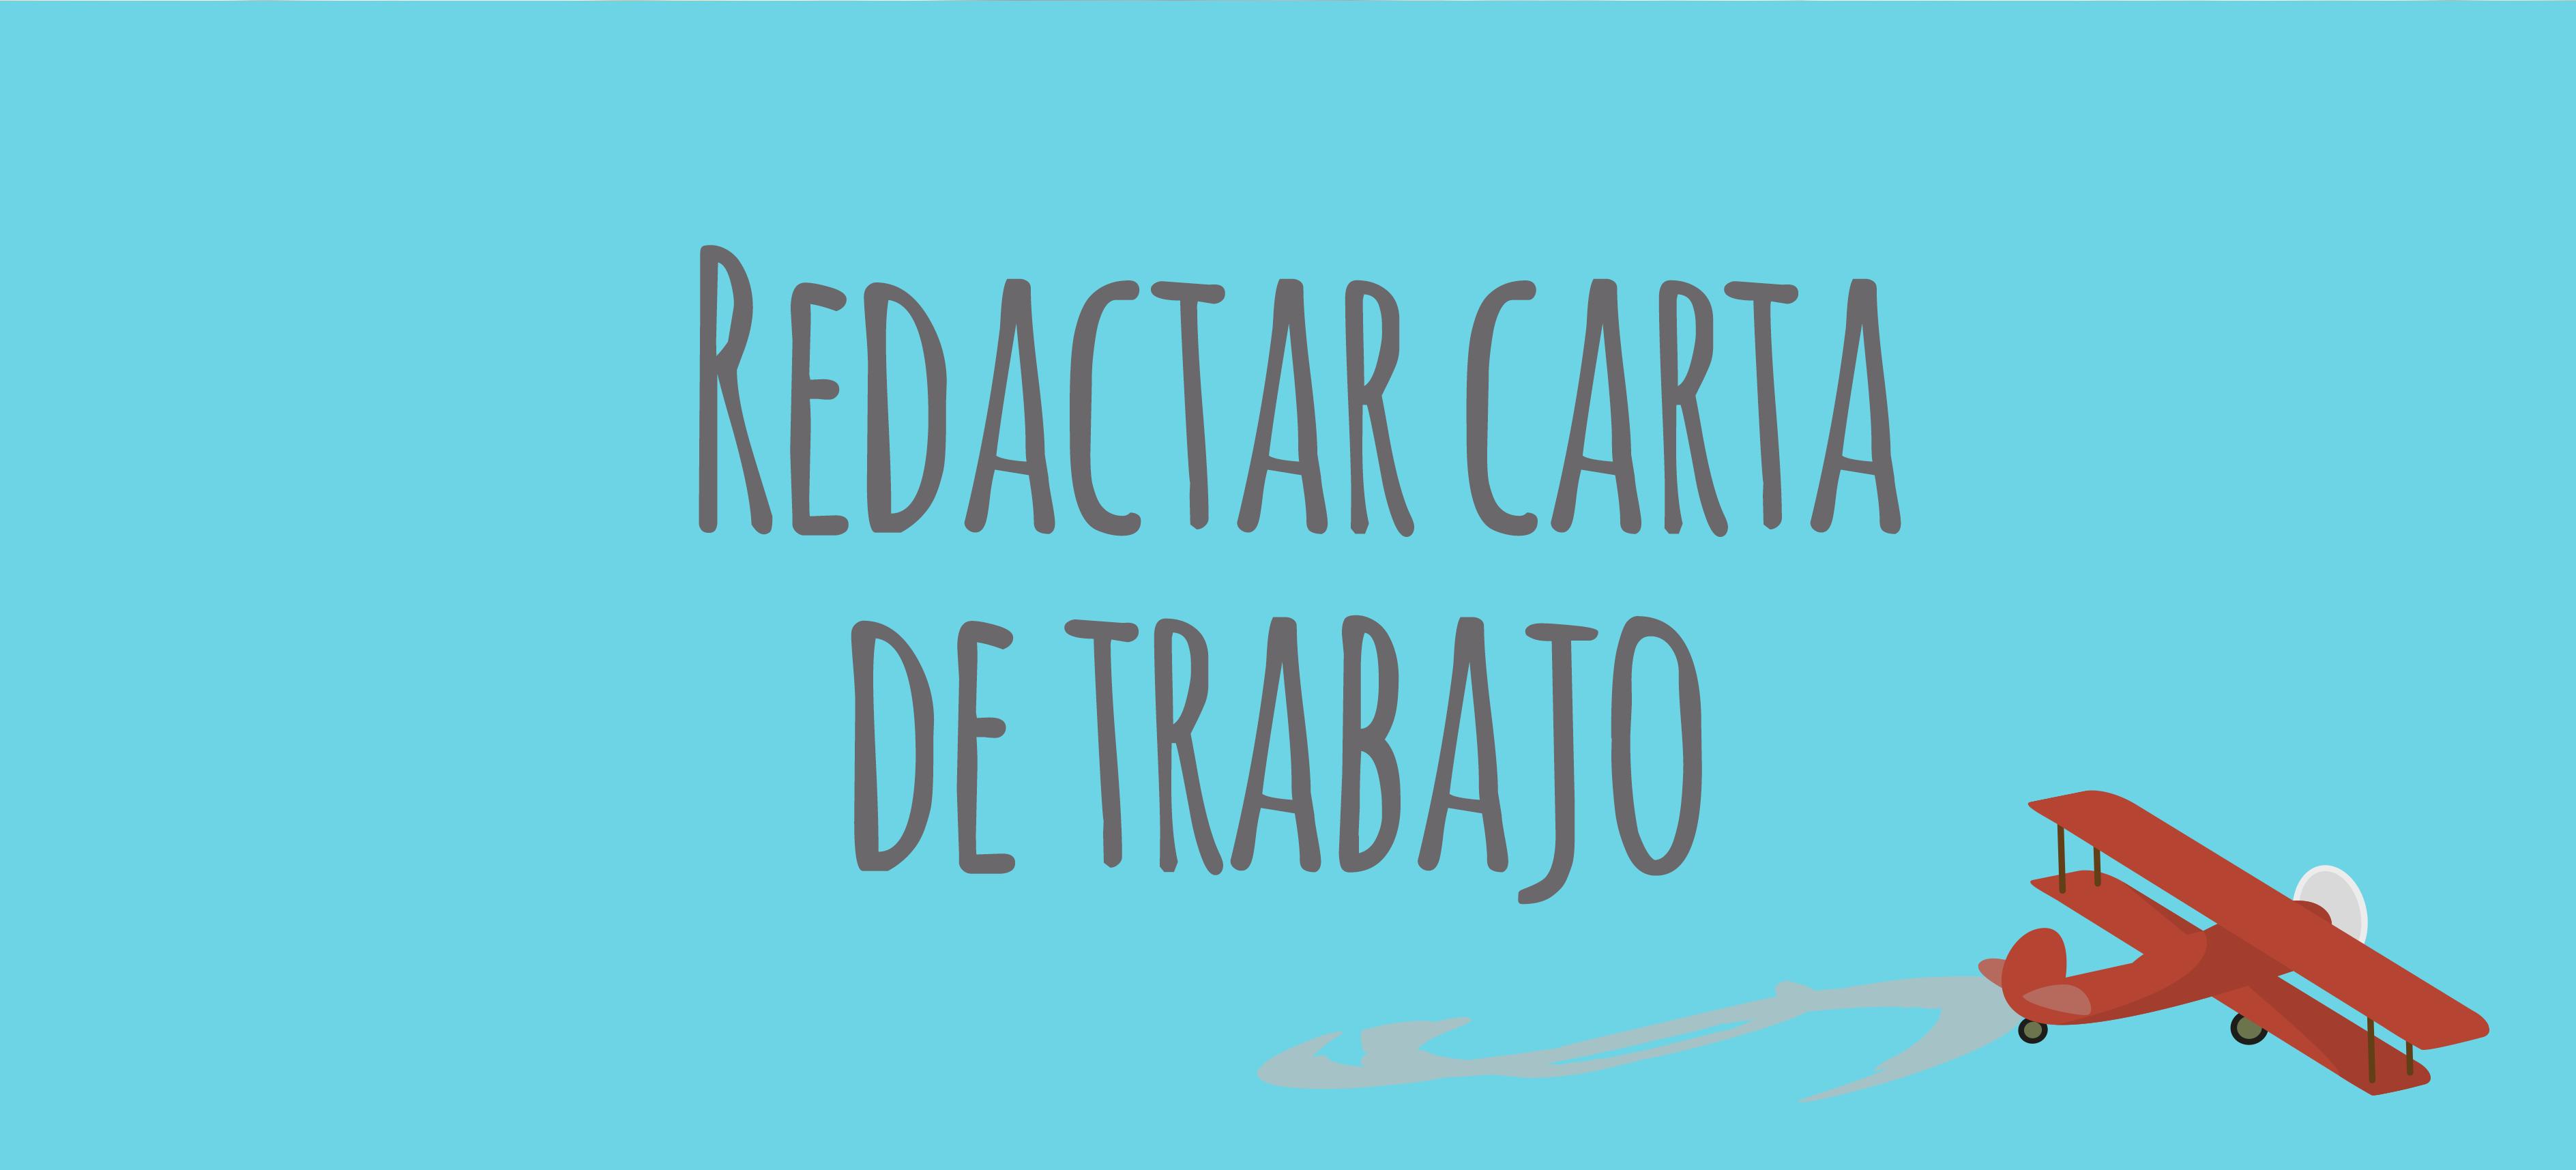 Redactar Cartas en Inglés para conseguir un trabajo - El Blog de Idiomas